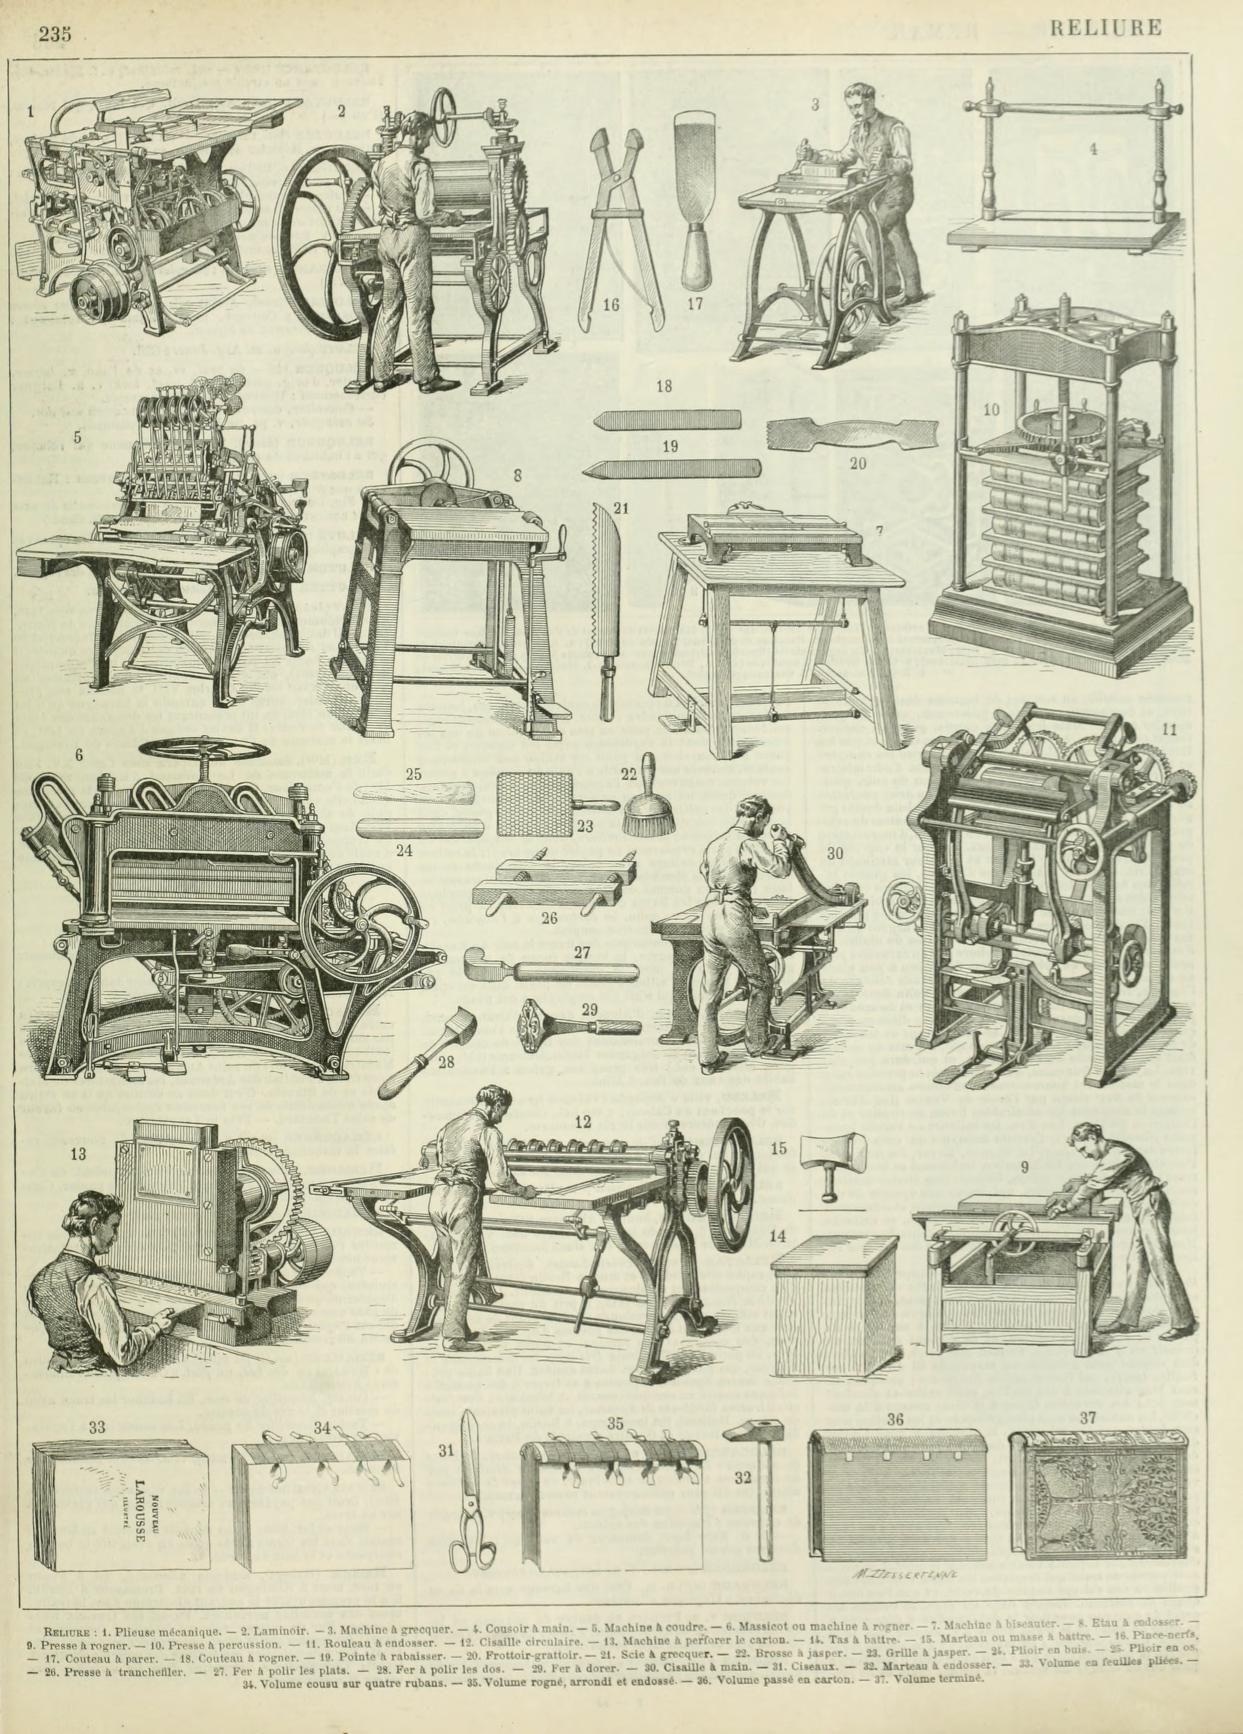 Nouveau Larousse illustré : Reliure